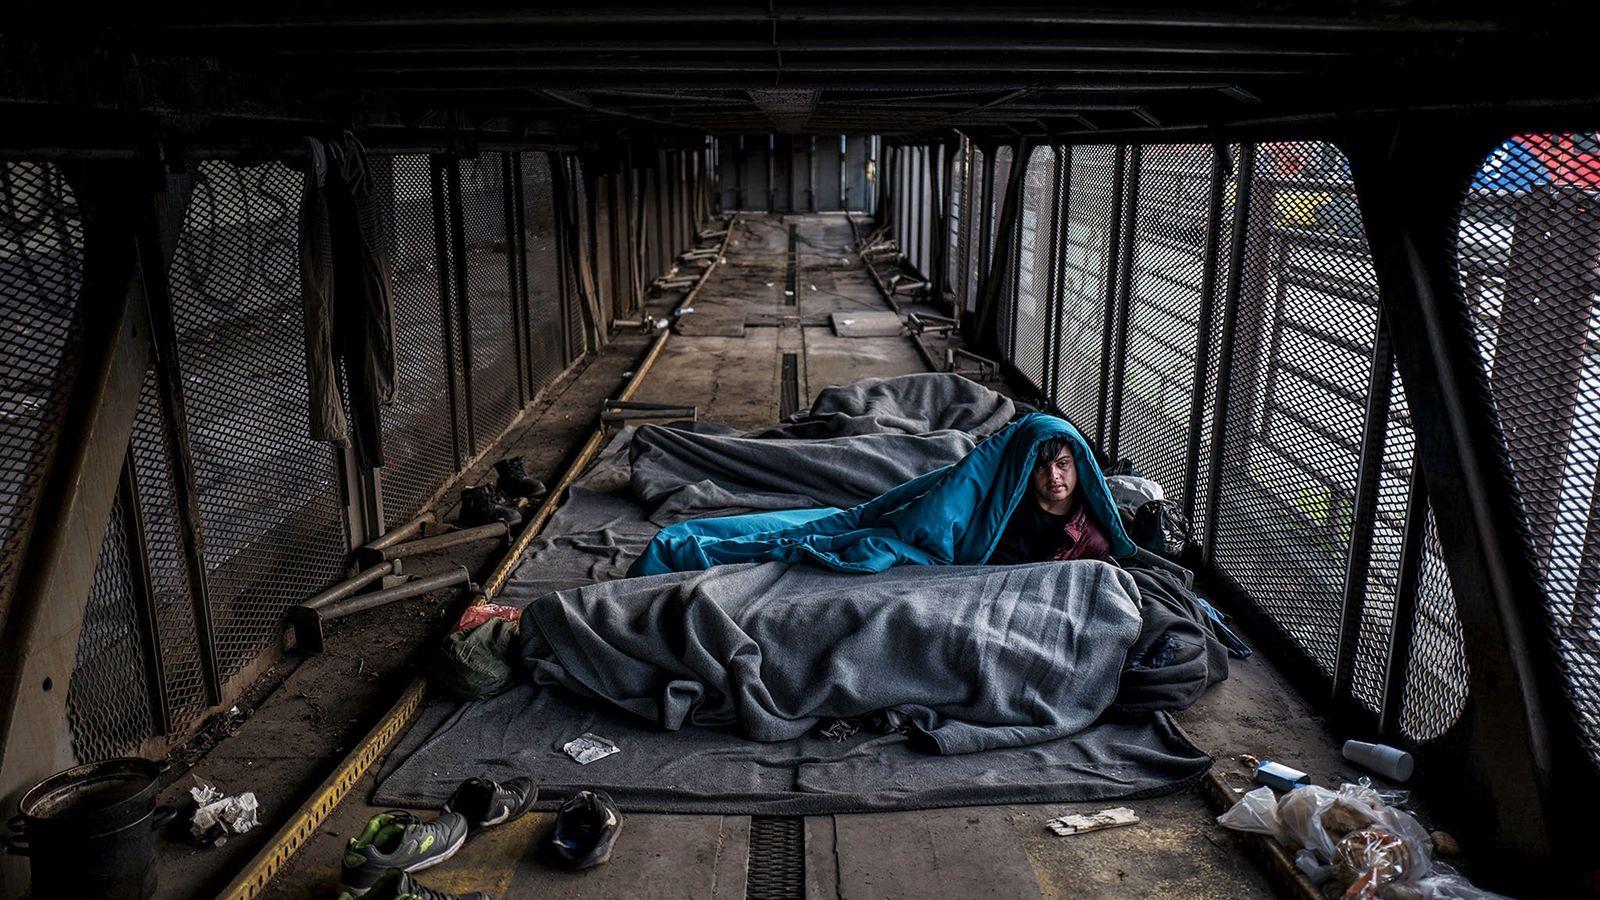 Shershah, 15 ans, d'Afghanistan, regarde au-dessous d'une couverture bleu clair dans un wagon abandonné de la ...